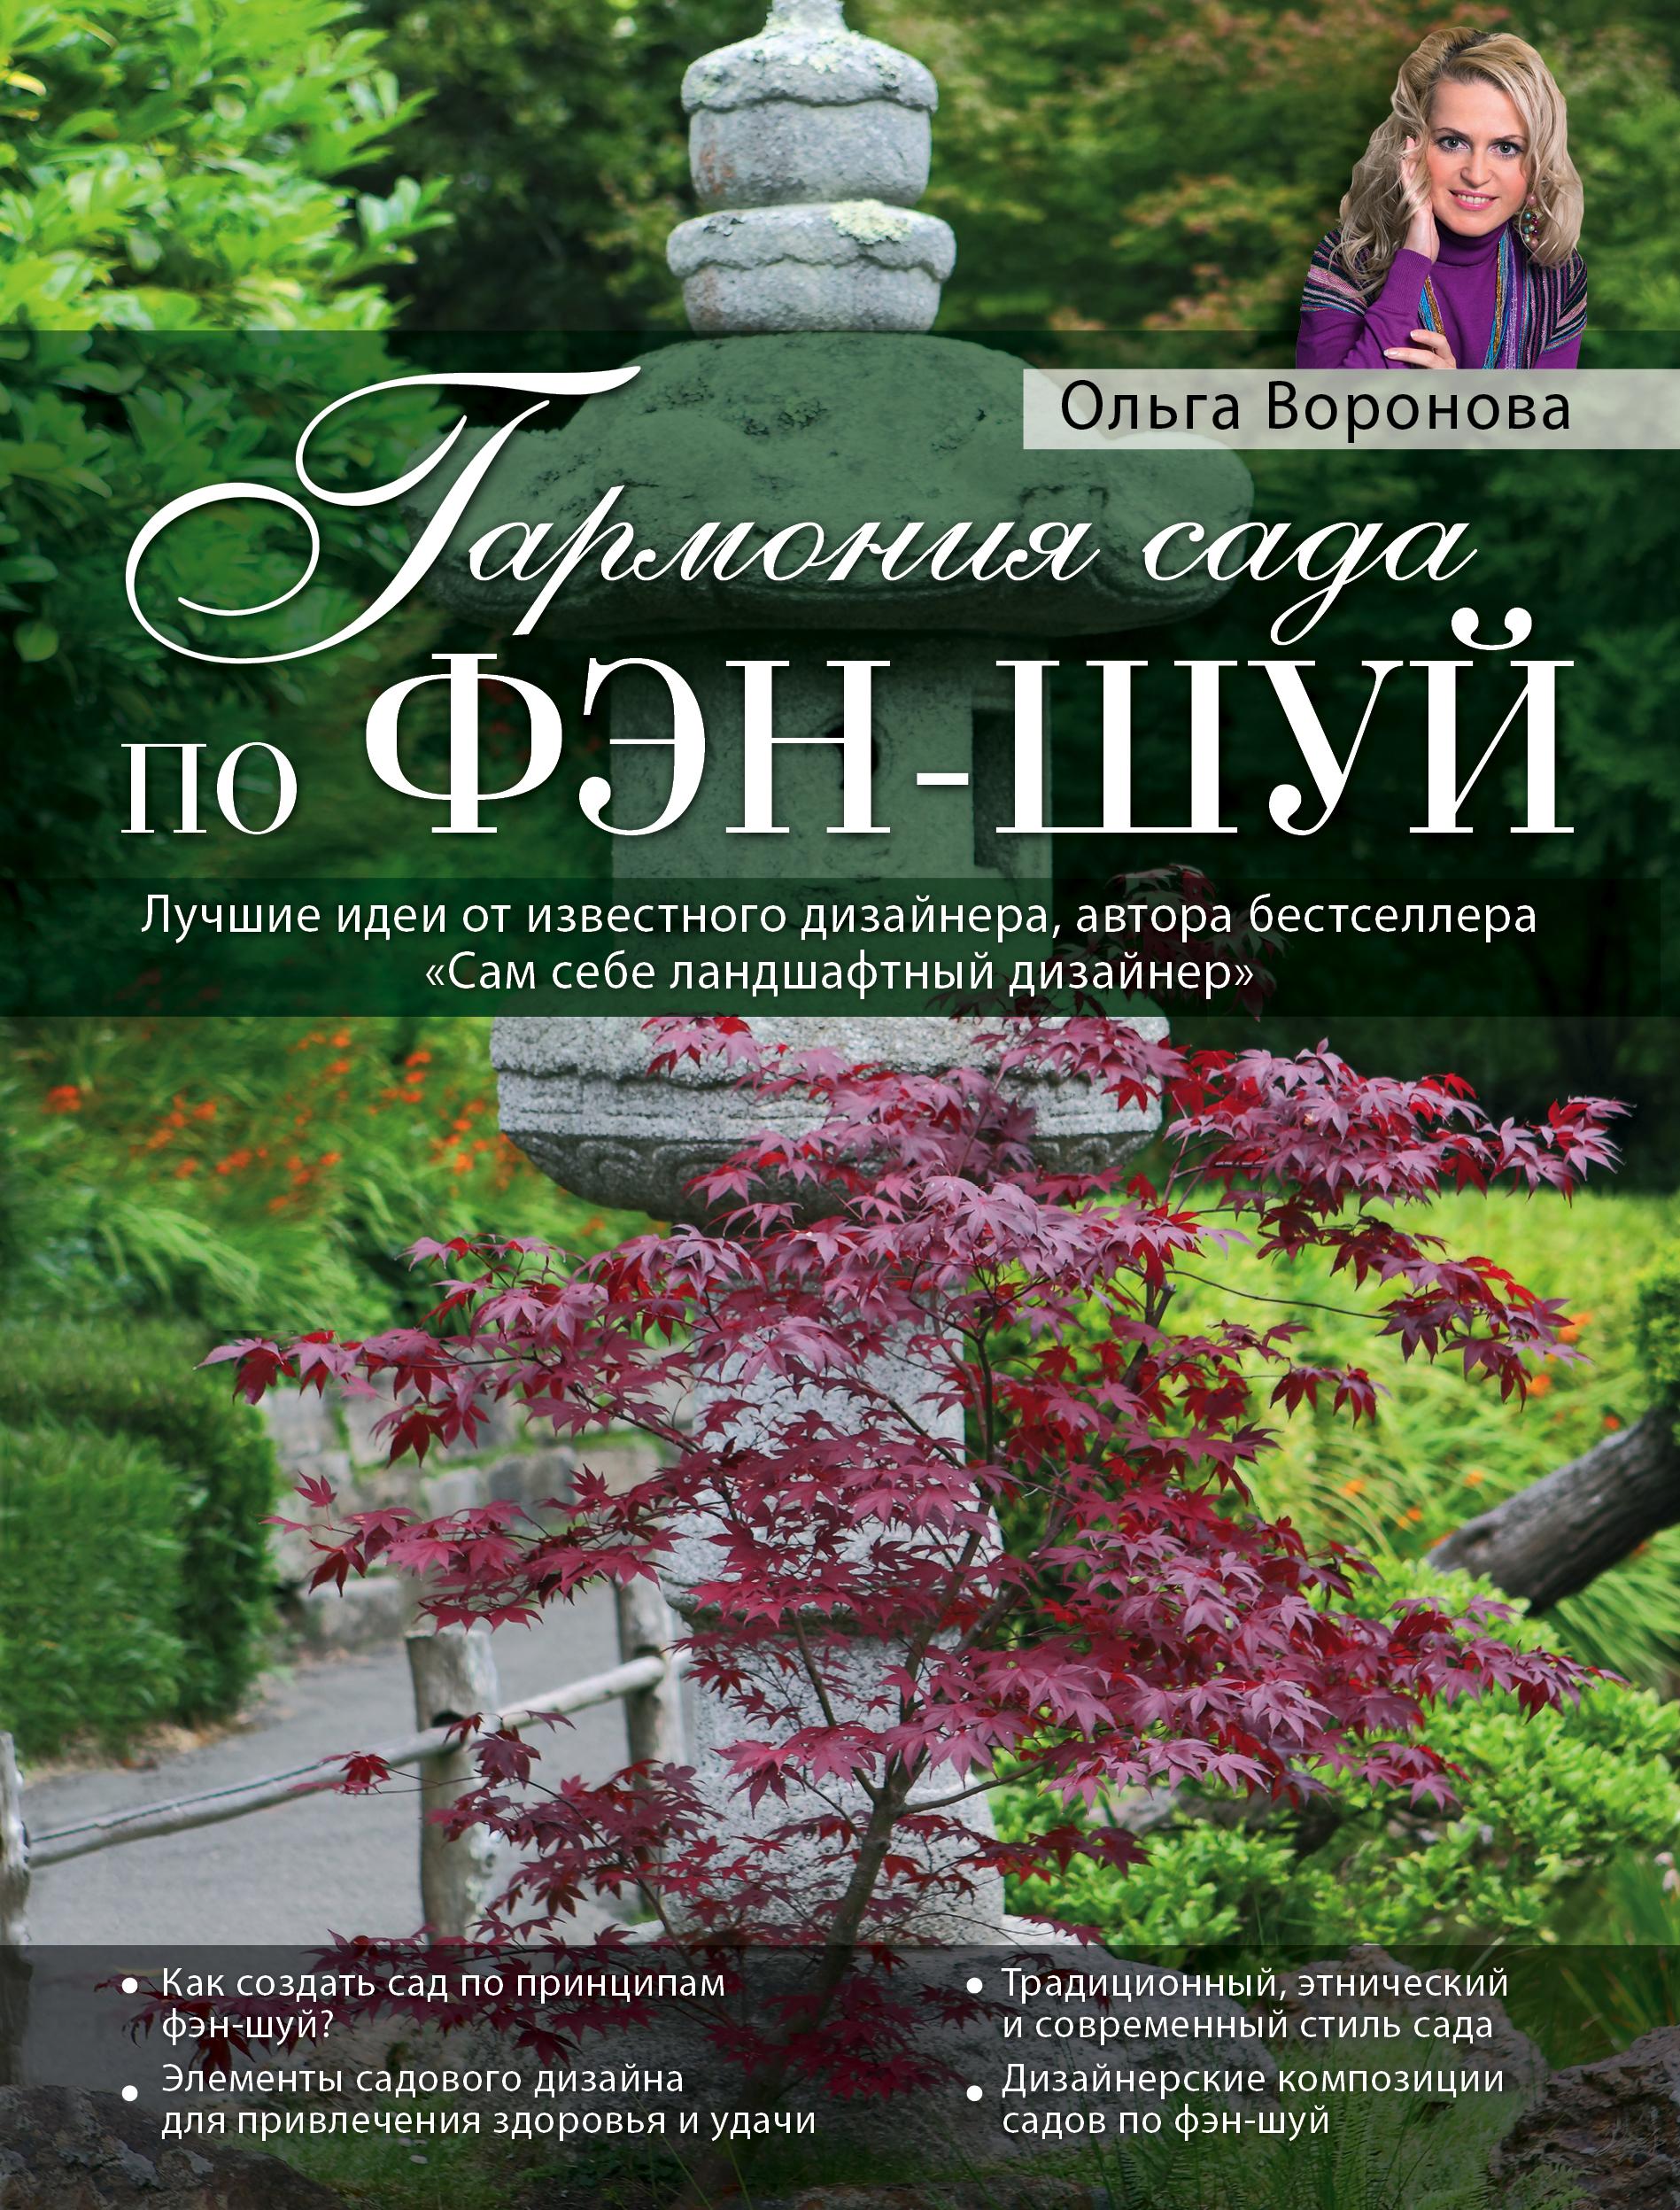 Воронова О.В. Гармония сада по фэн-шуй (Роскошный сад) ISBN: 978-5-699-68548-6 цены онлайн